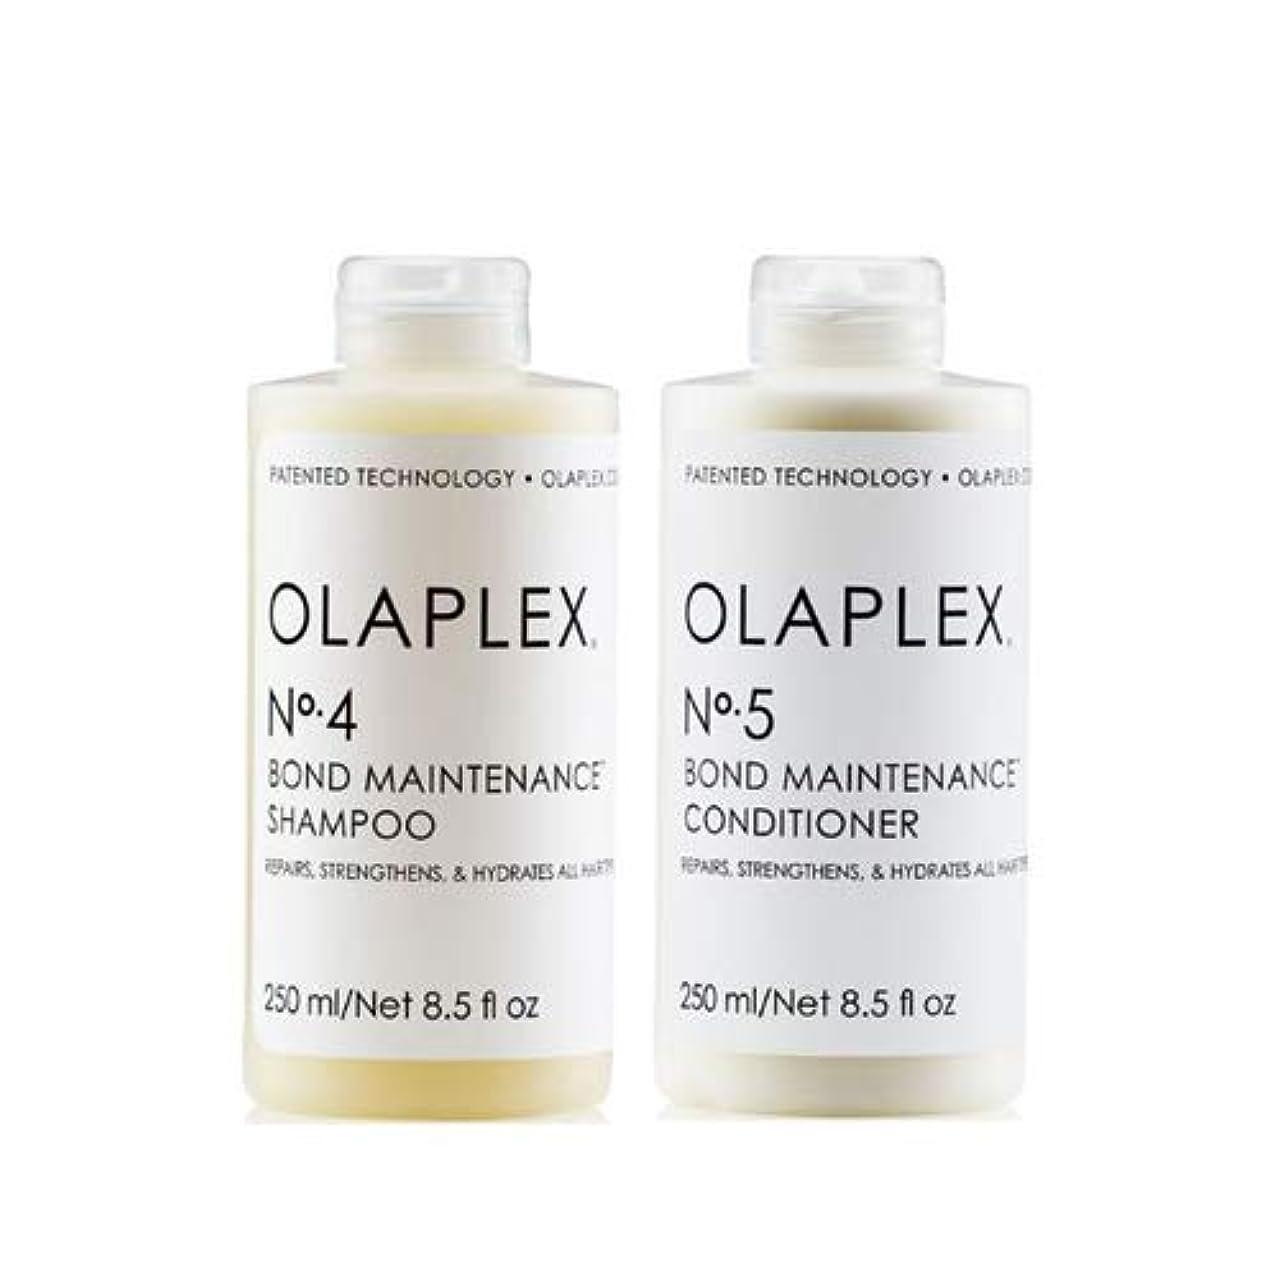 原油素晴らしいです必要とするOlaplex オラプレックス No. 4 5 ボンド メンテナンス シャンプー&コンディショナー Olaplex Bond Maintenance Shampoo & Conditioner 【並行輸入品】